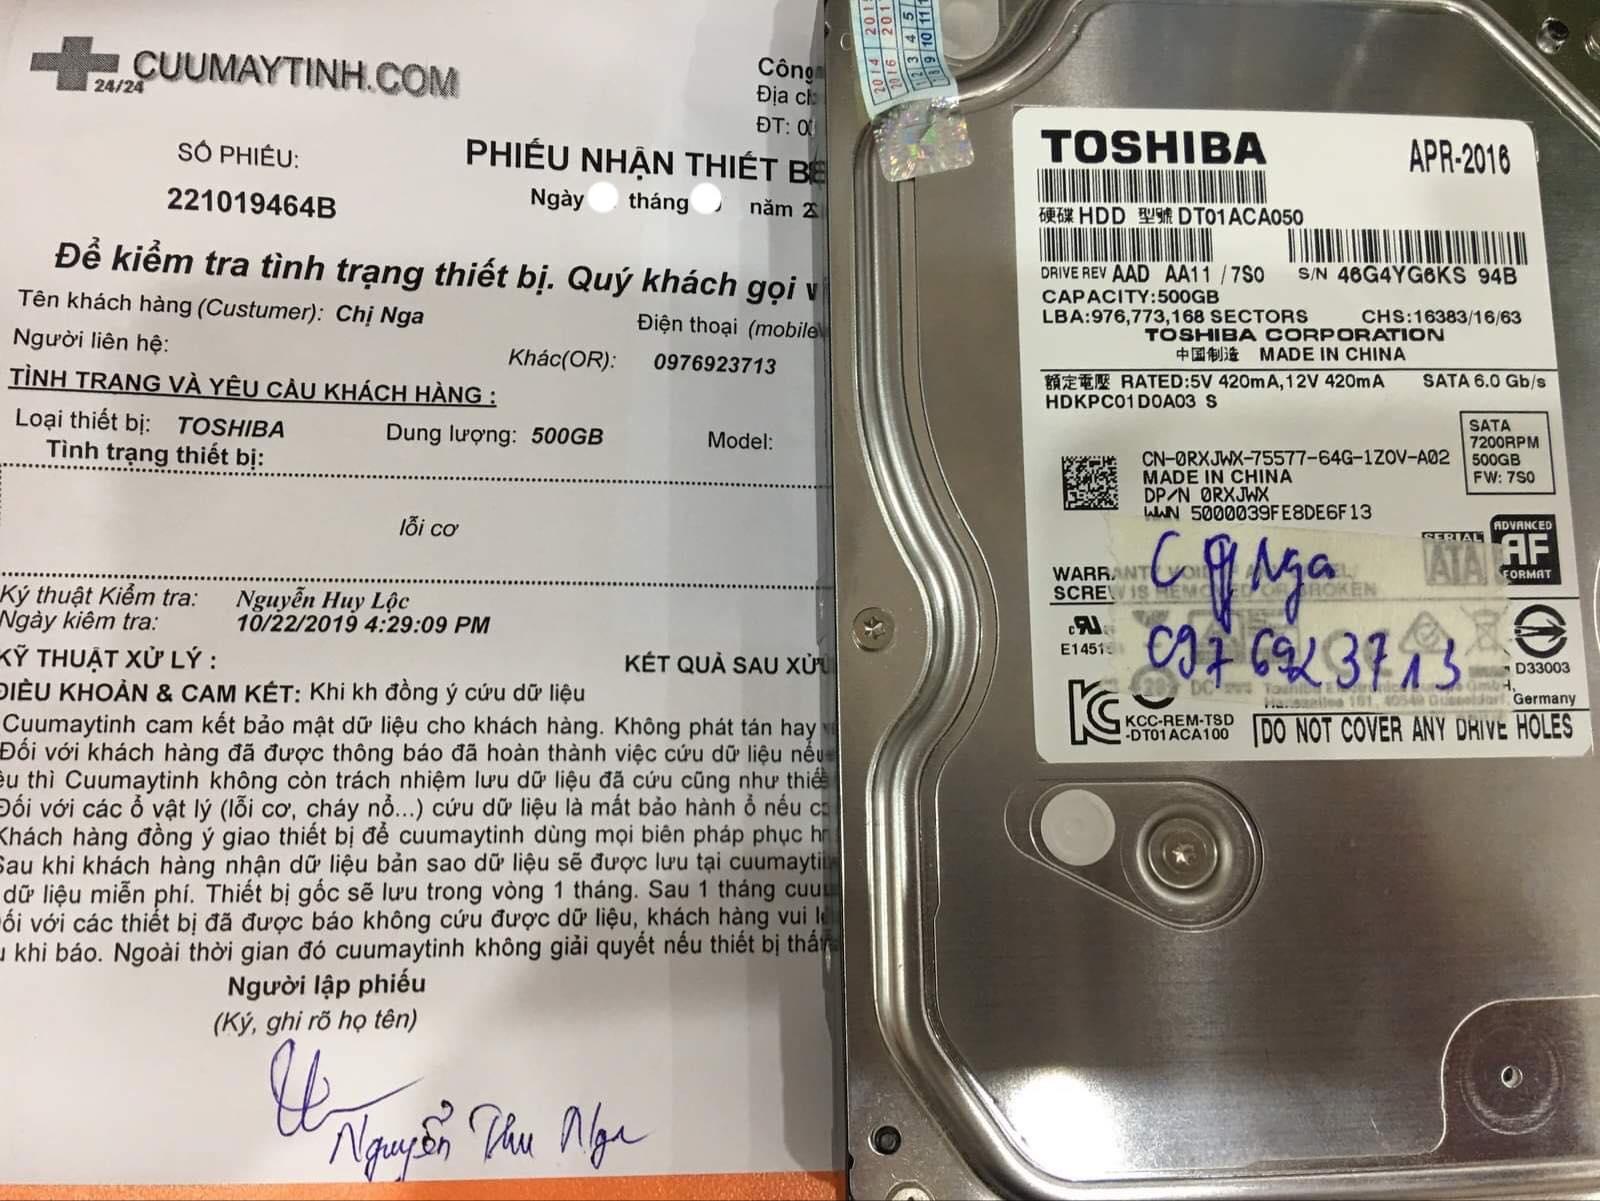 Cứu dữ liệu ổ cứng Toshiba 500GB lỗi cơ 08/11/2019 - cuumaytinh